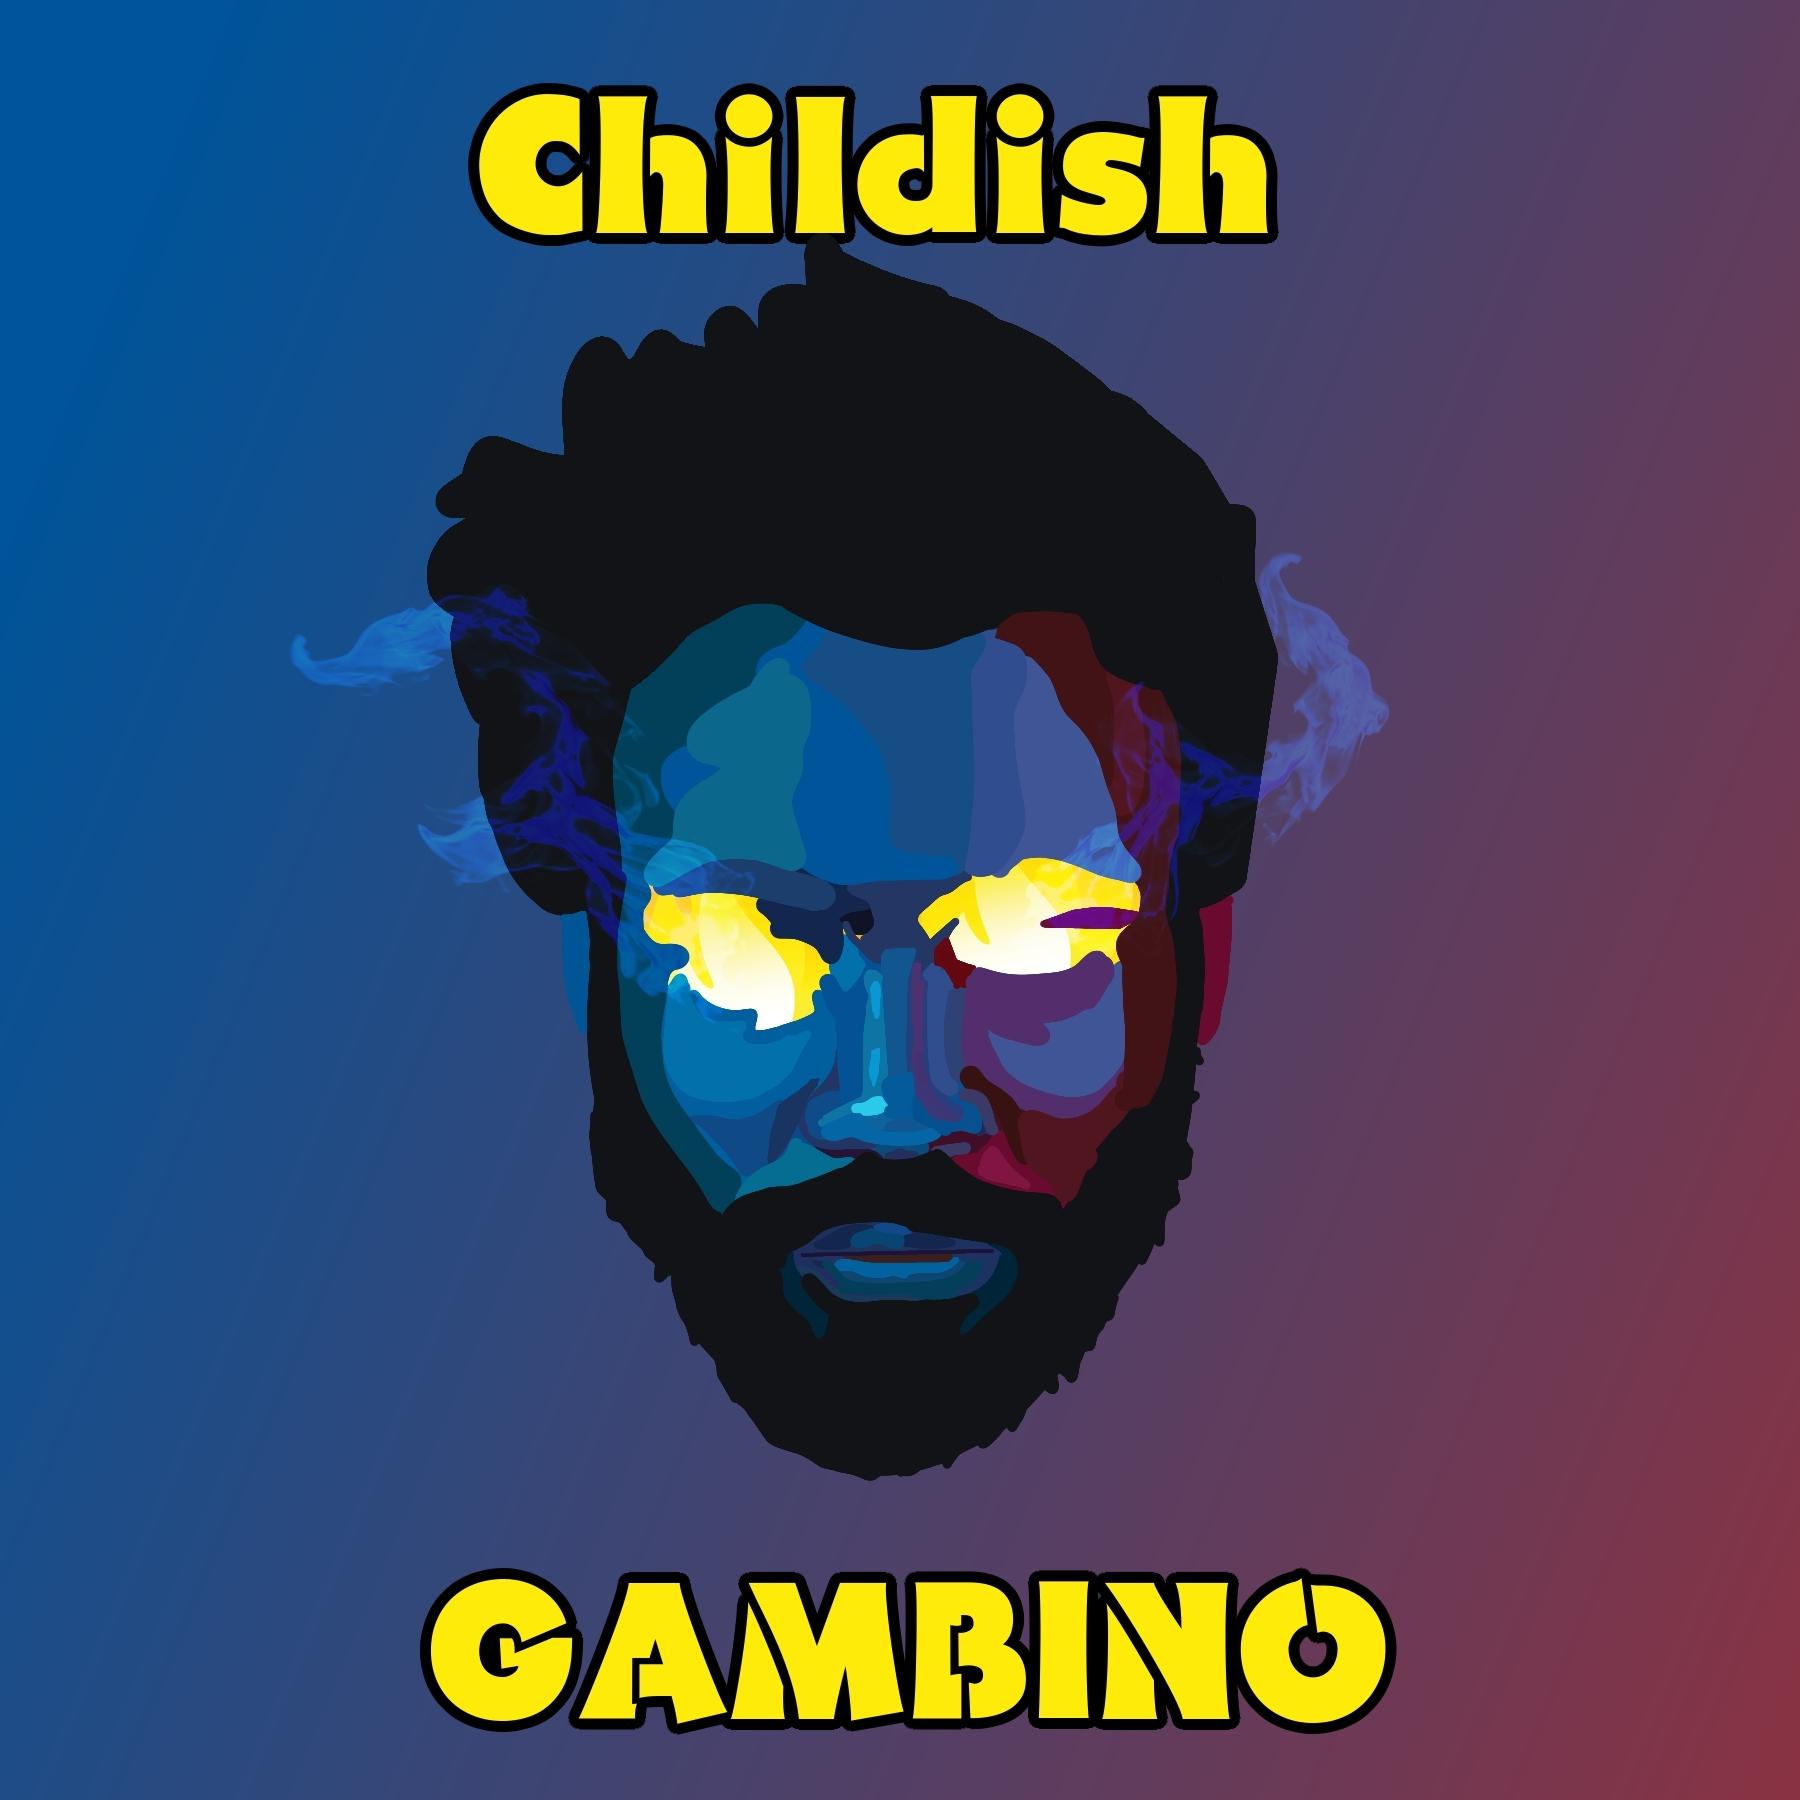 Childish Gambino FANART